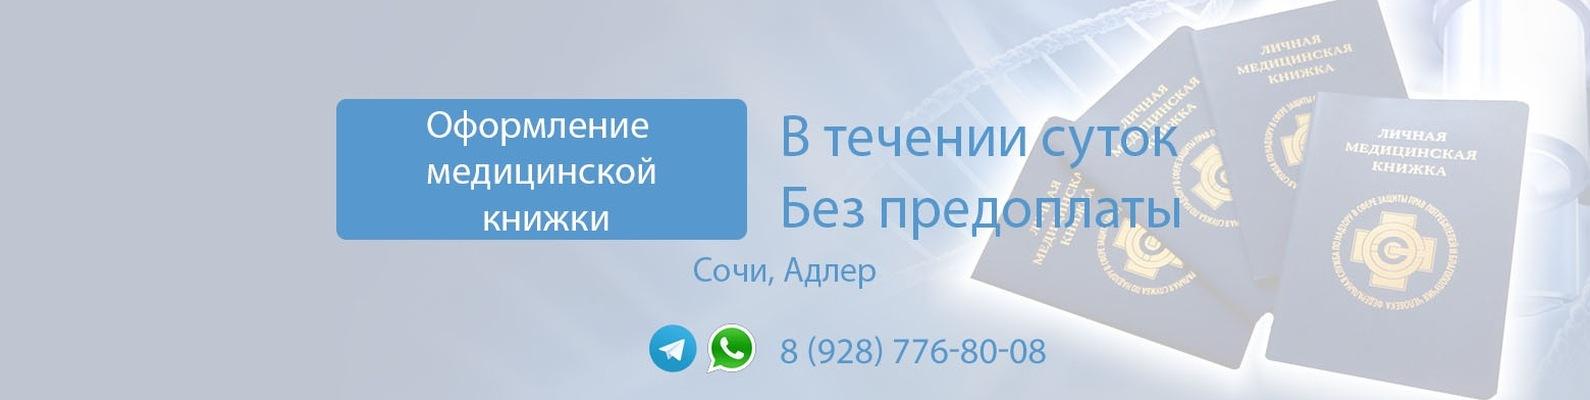 Центр гигиены и эпидемиологии в городе Старой Купавне медицинская книжка